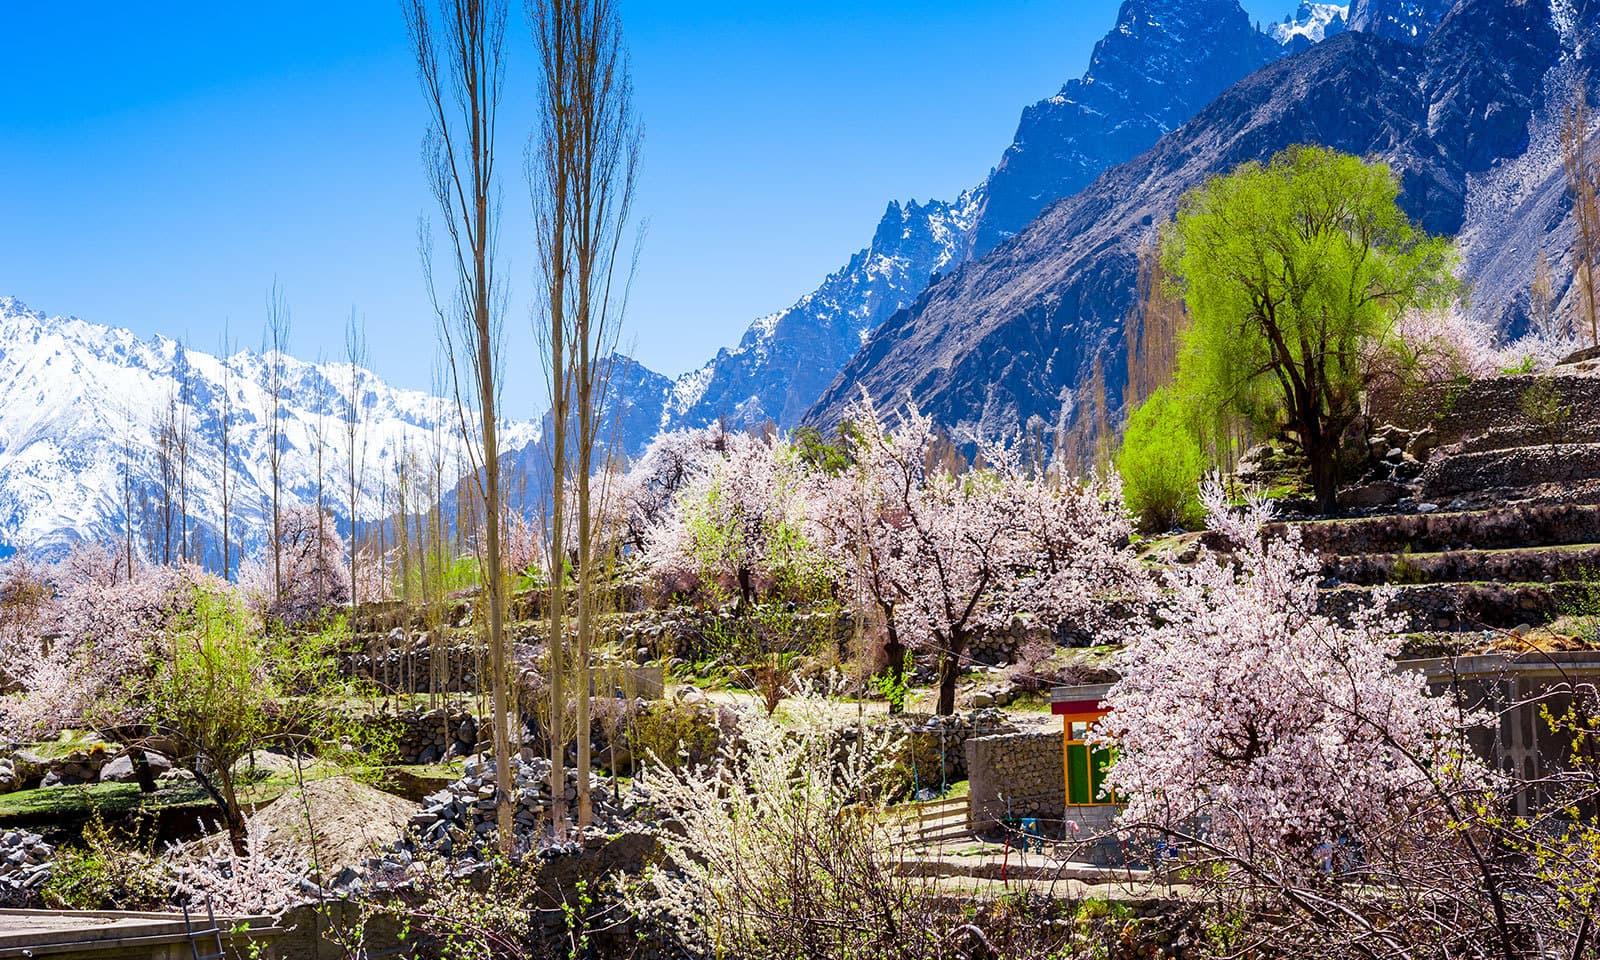 موسم بہار میں وادی ہنزہ کچھ اس طرح کا منظر پیش کرتی ہے — شٹر اسٹاک فوٹو